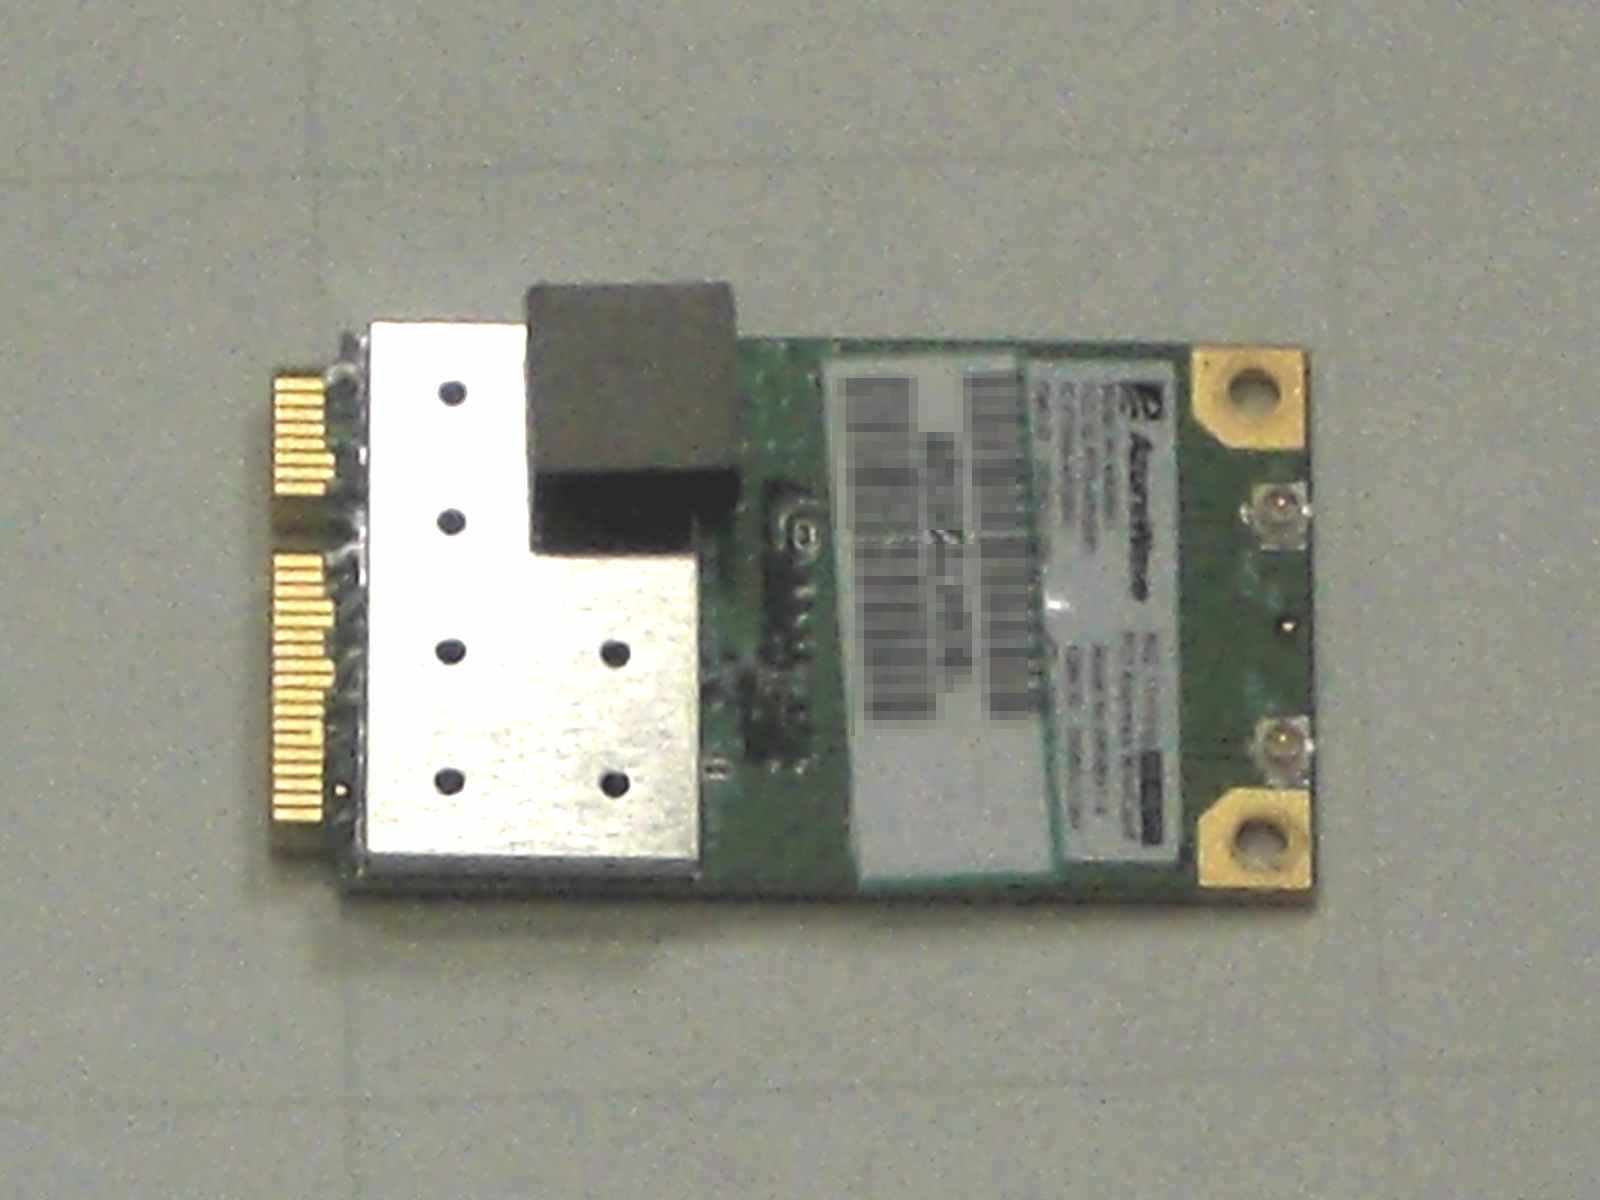 ASUS Eee S101H WiFi無線LANカード 画像1